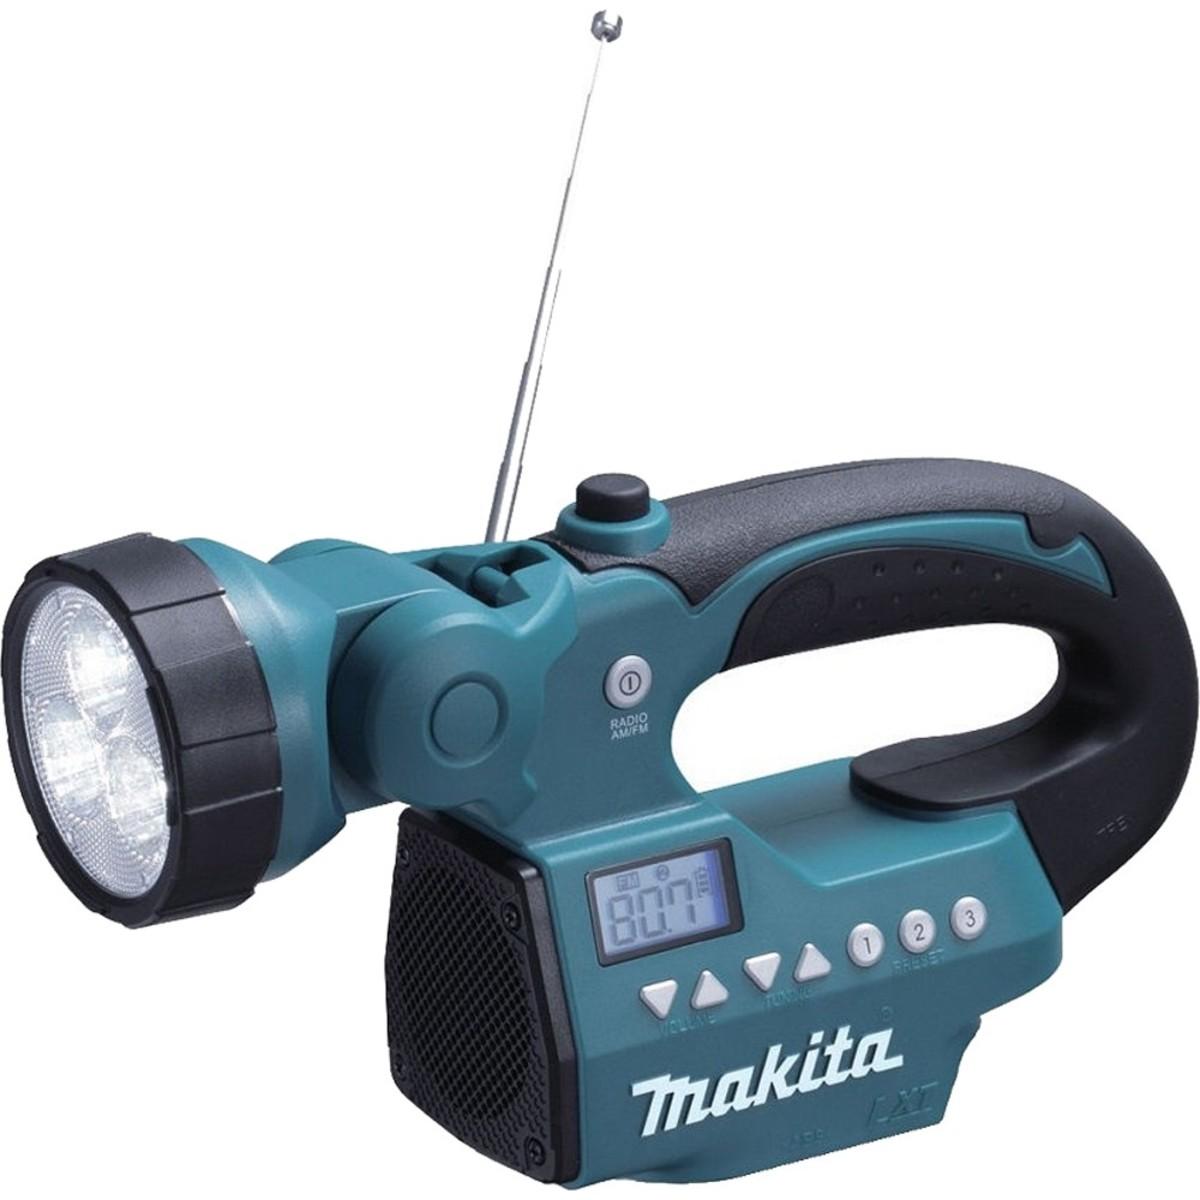 Аккумуляторный Радиоприемник Для Стройплощадки Makita Bmr050